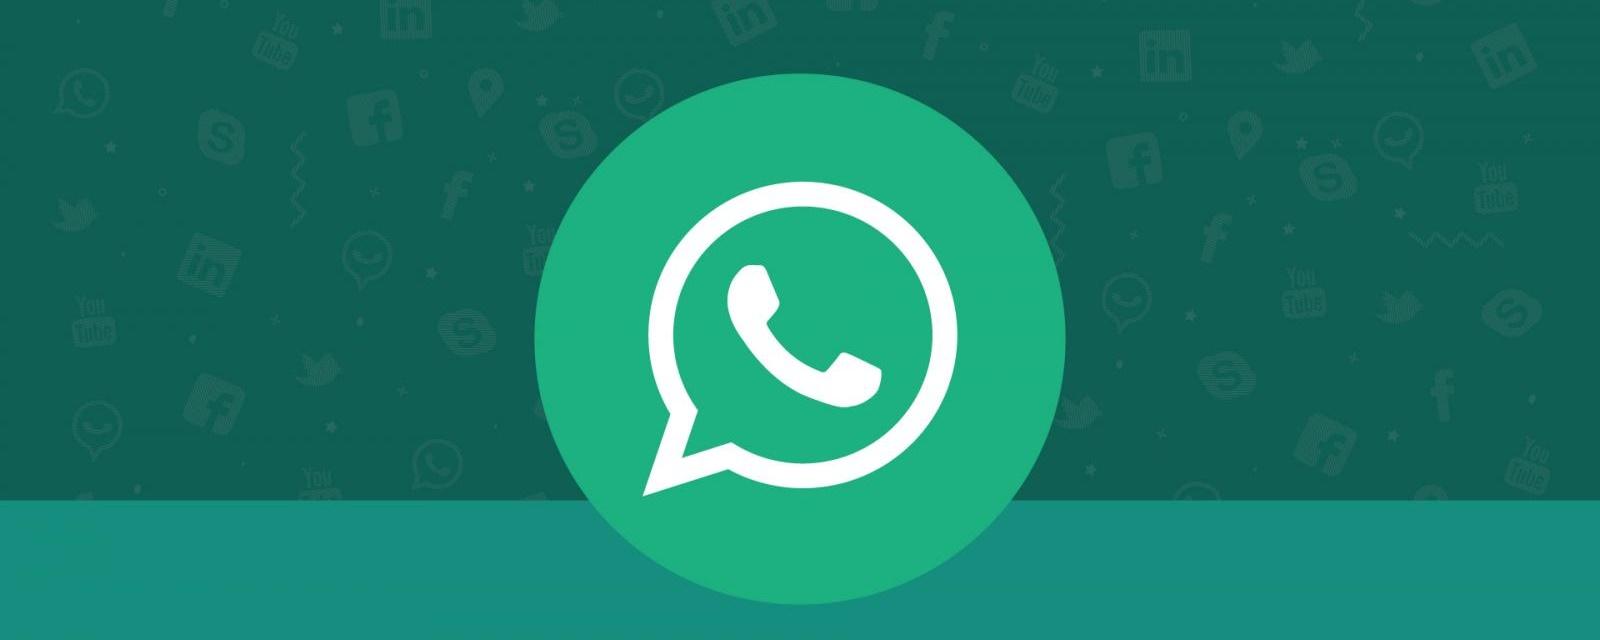 Tem Na Web - WhatsApp Beta mostra prévia de arquivos antes do envio para vários contatos